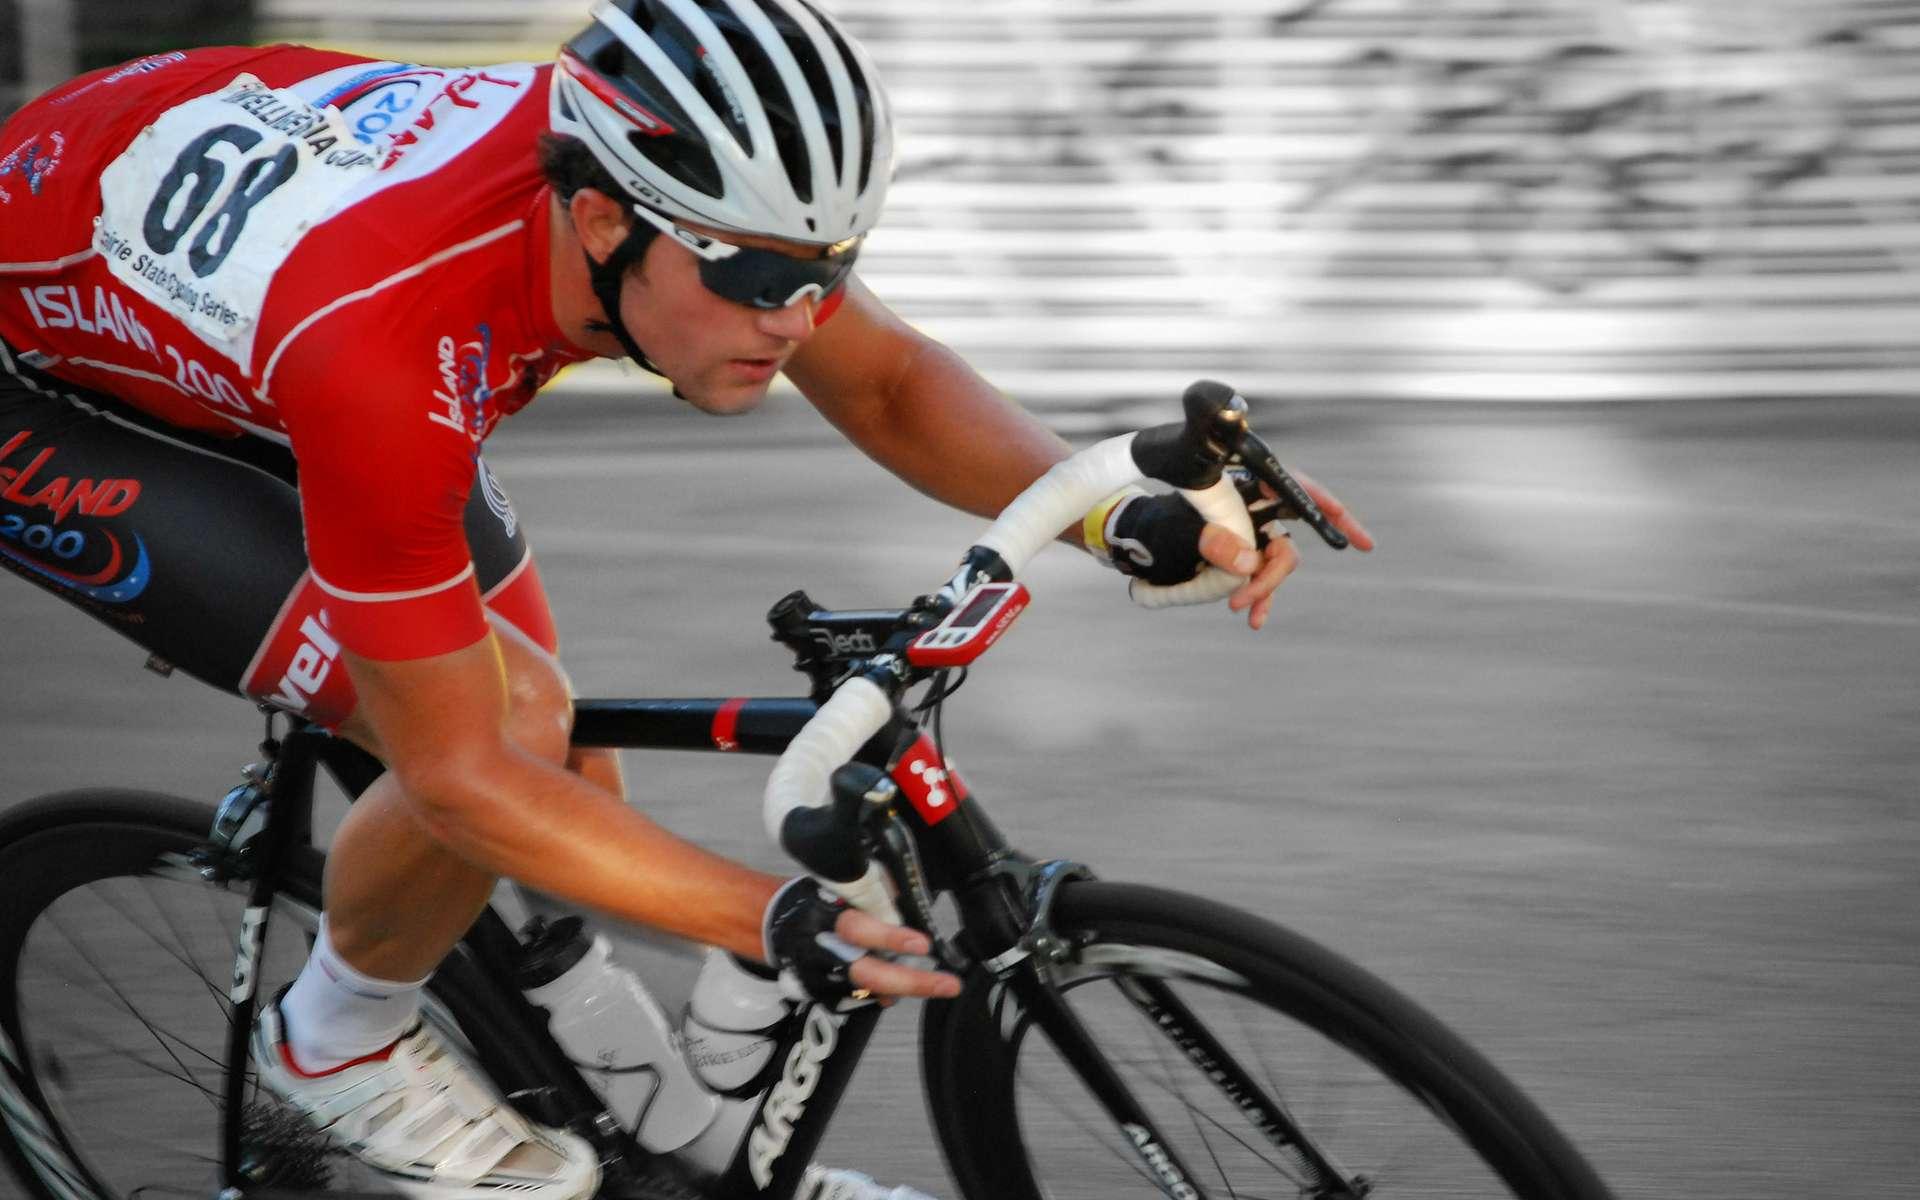 Les cadres de vélos de compétition sont aujourd'hui faits en fibre de carbone. © clarkmaxwell, Flickr, CC by-nc-nd 2.0